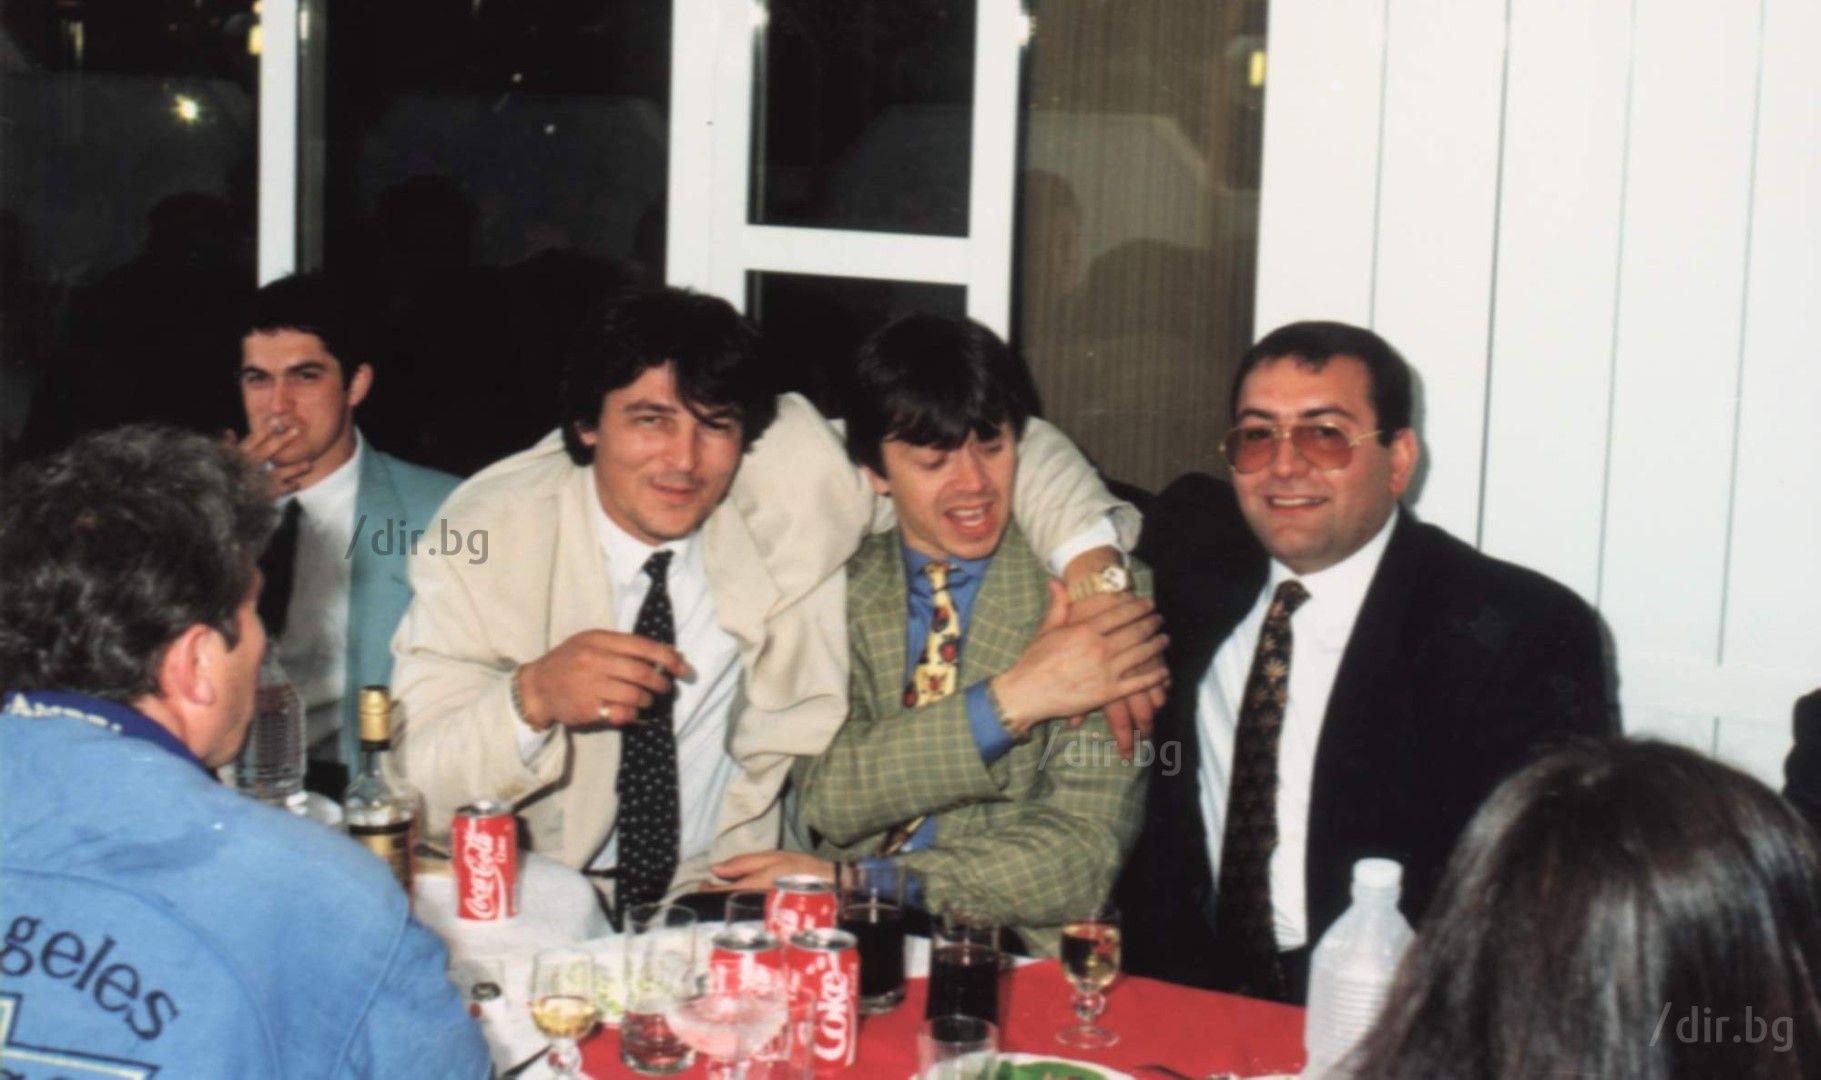 Боян Петракиев-Барона, Румен Гайтански-Вълка и Филип Найденов-Фатик (от ляво на дясно) на сватбата на Георги и Мая. Един от най-запомнящите се моменти от тържеството е, когато Фатик вади пистолет и стреля в ръката си.